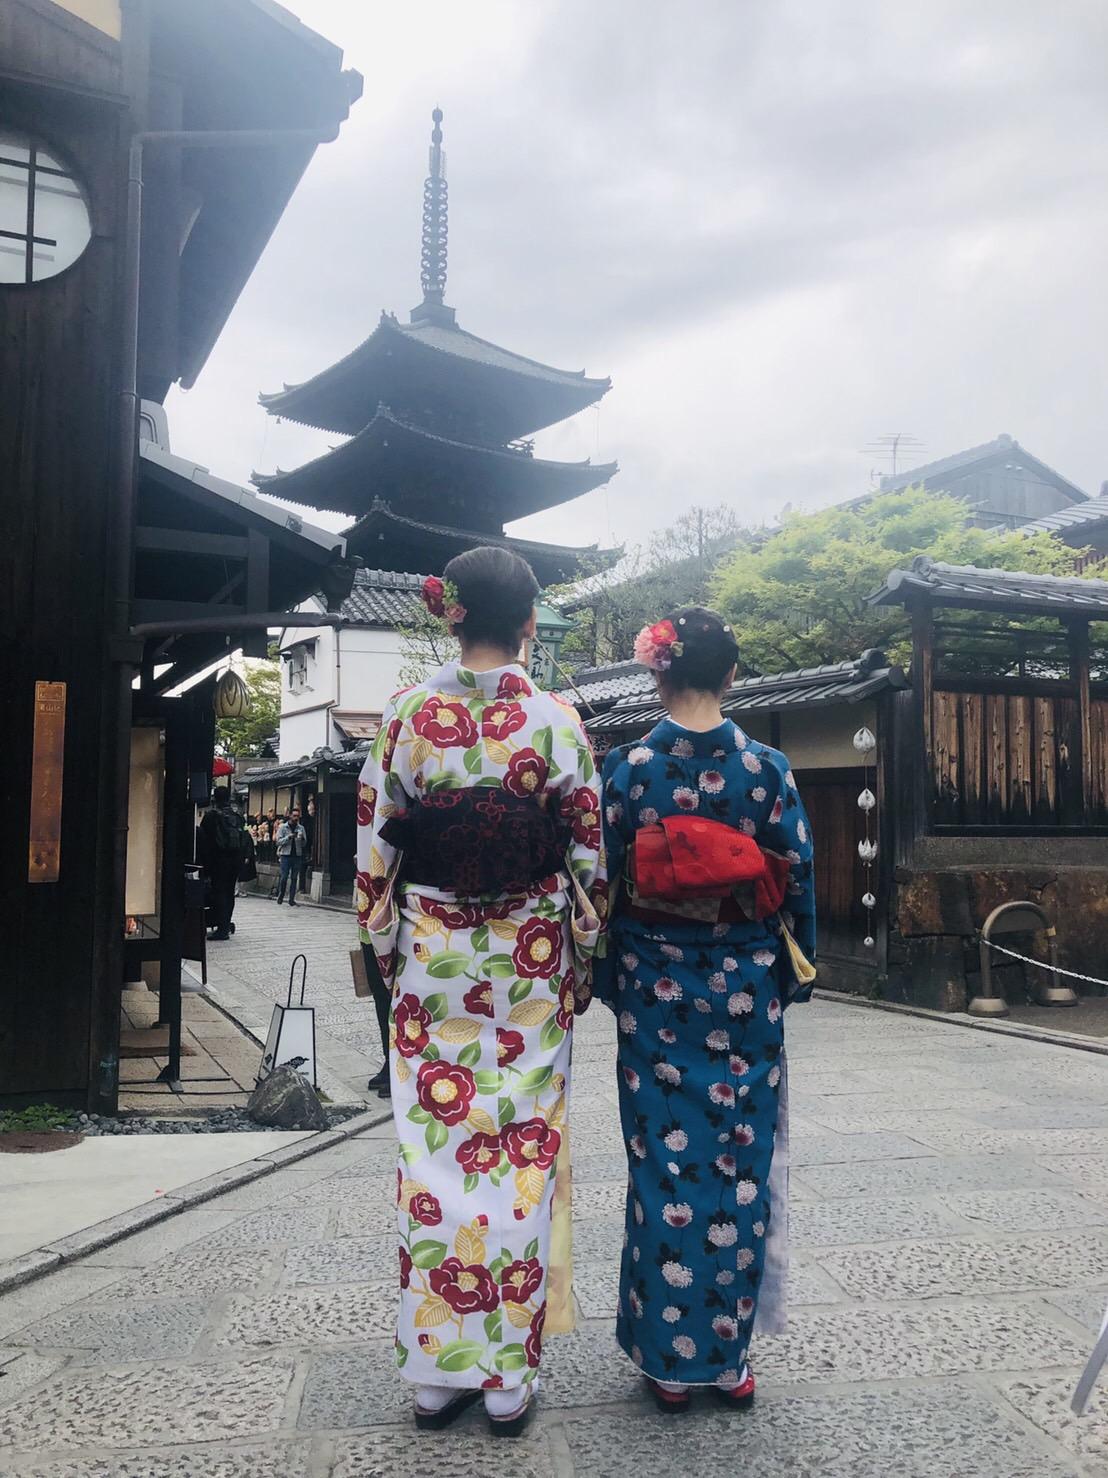 リピーター様❣祇園など東山を散策♪2019年4月19日1